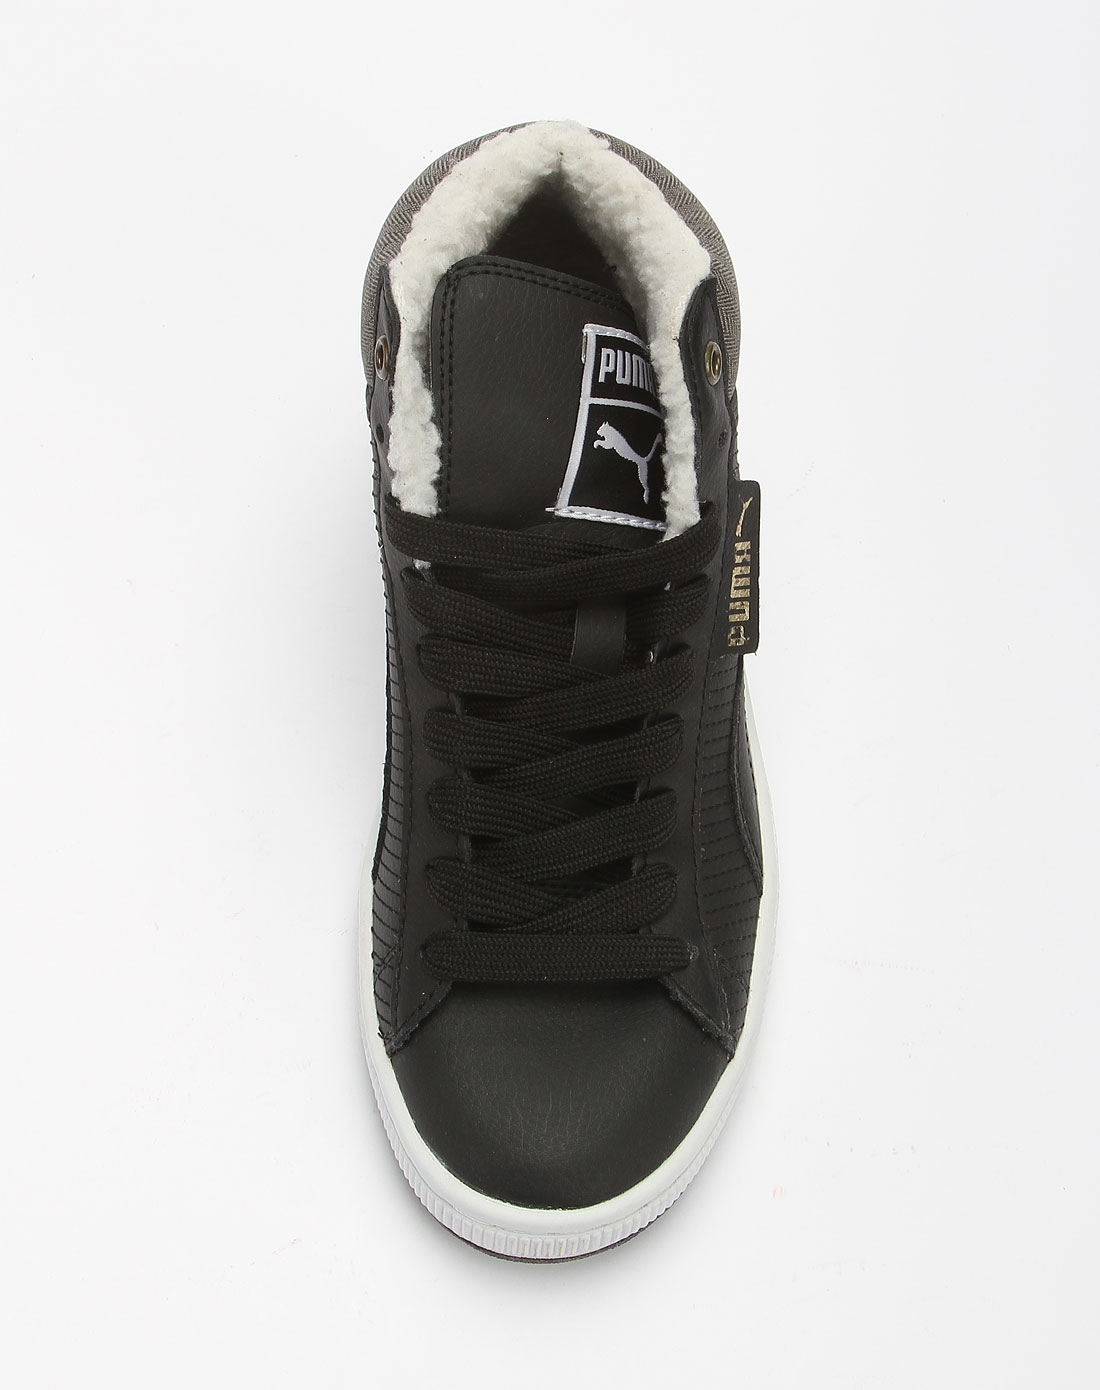 彪马puma黑色中帮休闲鞋35042101